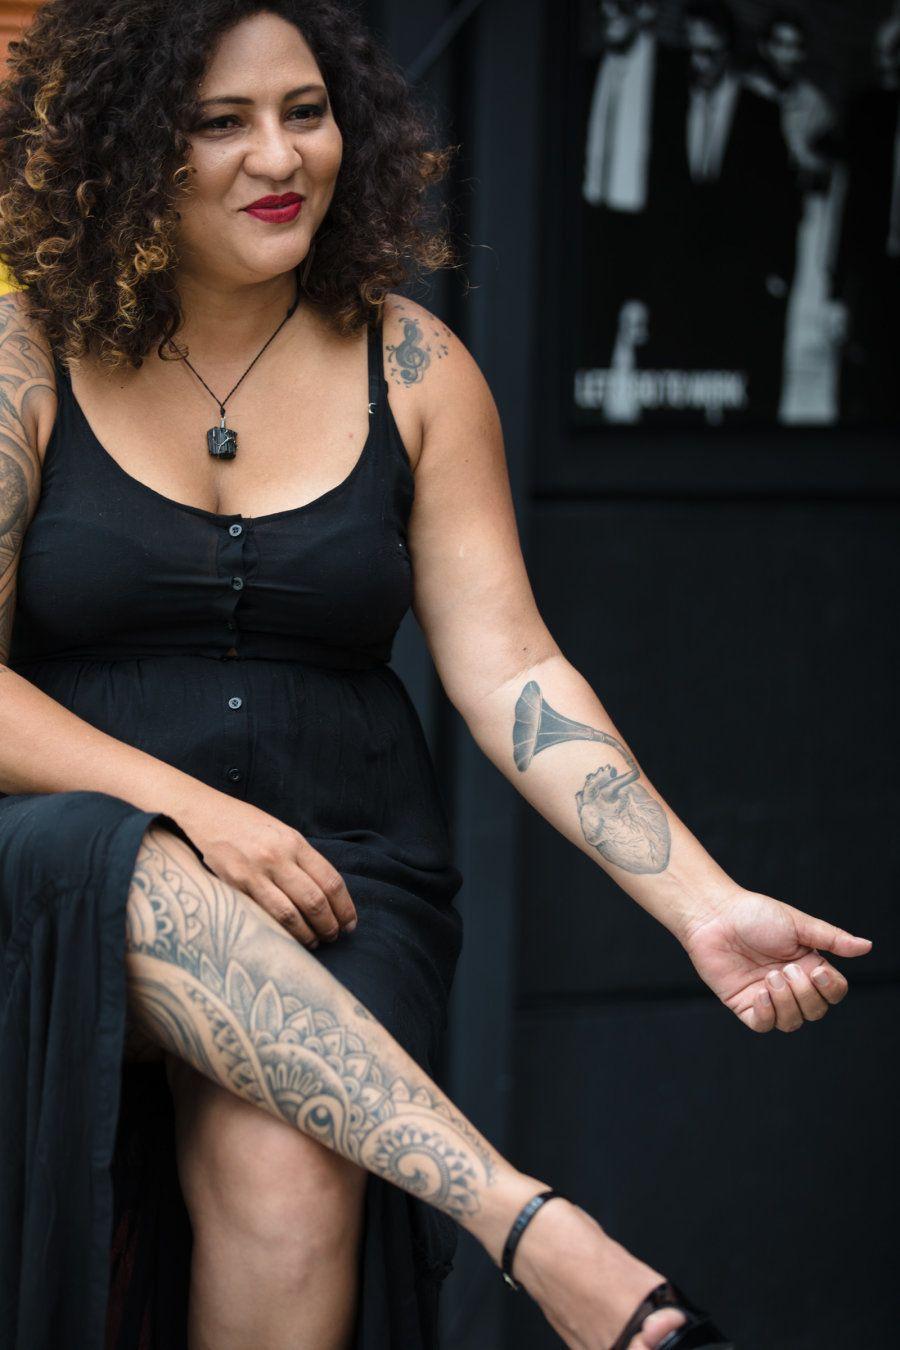 Vivian mostra a tatuagem de gramofone, que representa a banda que montou em 2015 e da qual continua líder...